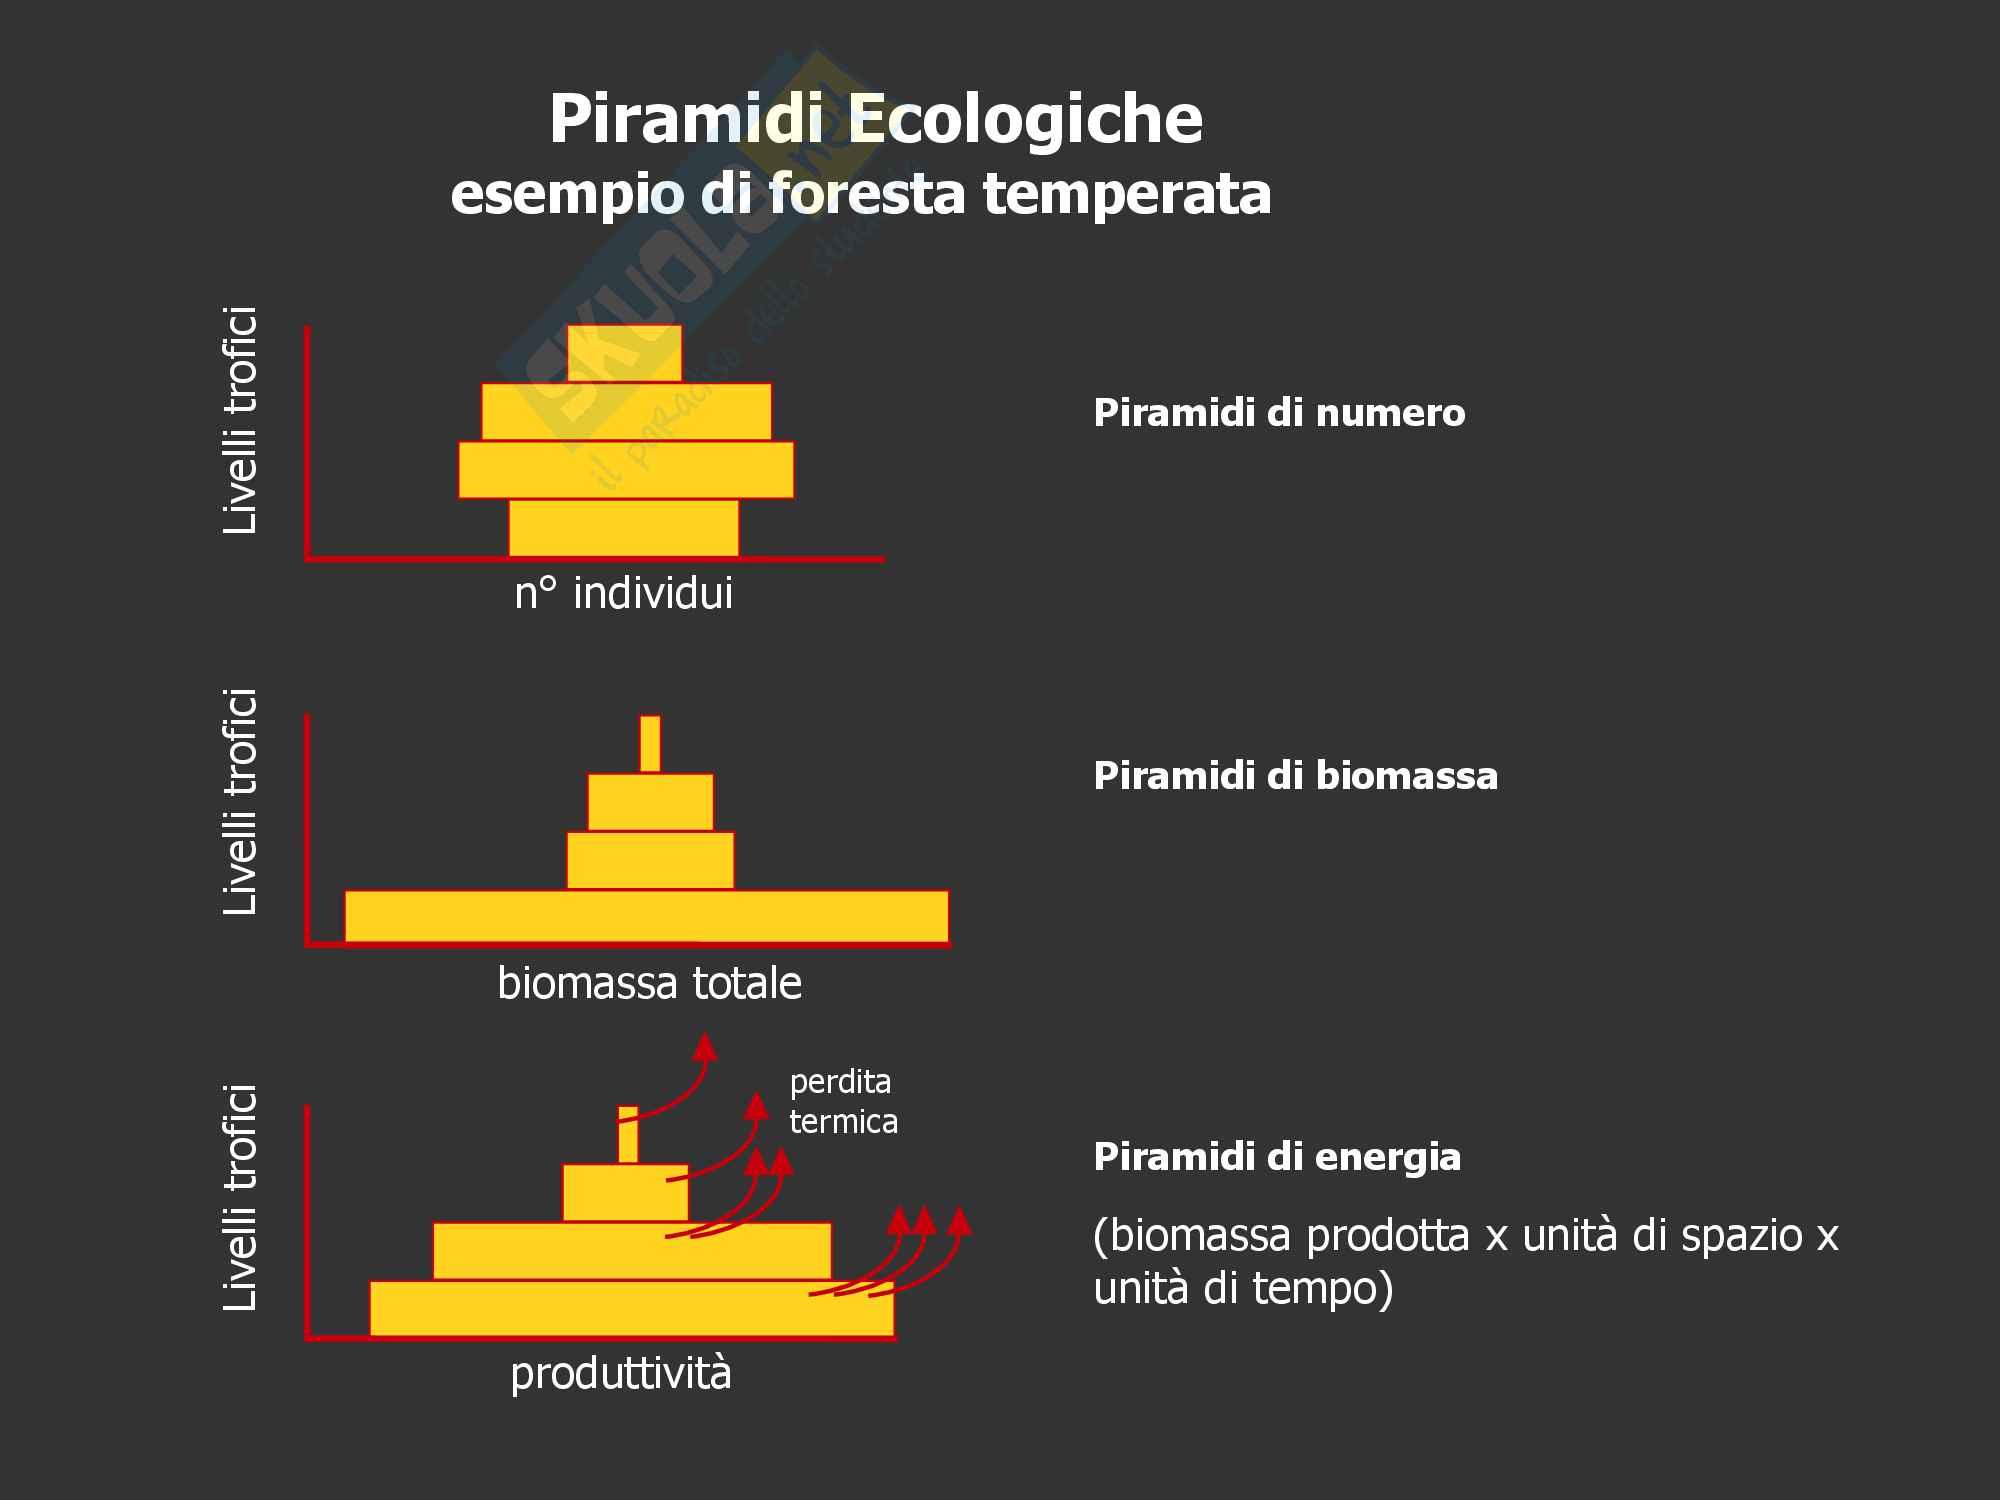 Ecologia: Piramidi ecologiche, efficienze, produzione primaria e secondaria Pag. 6